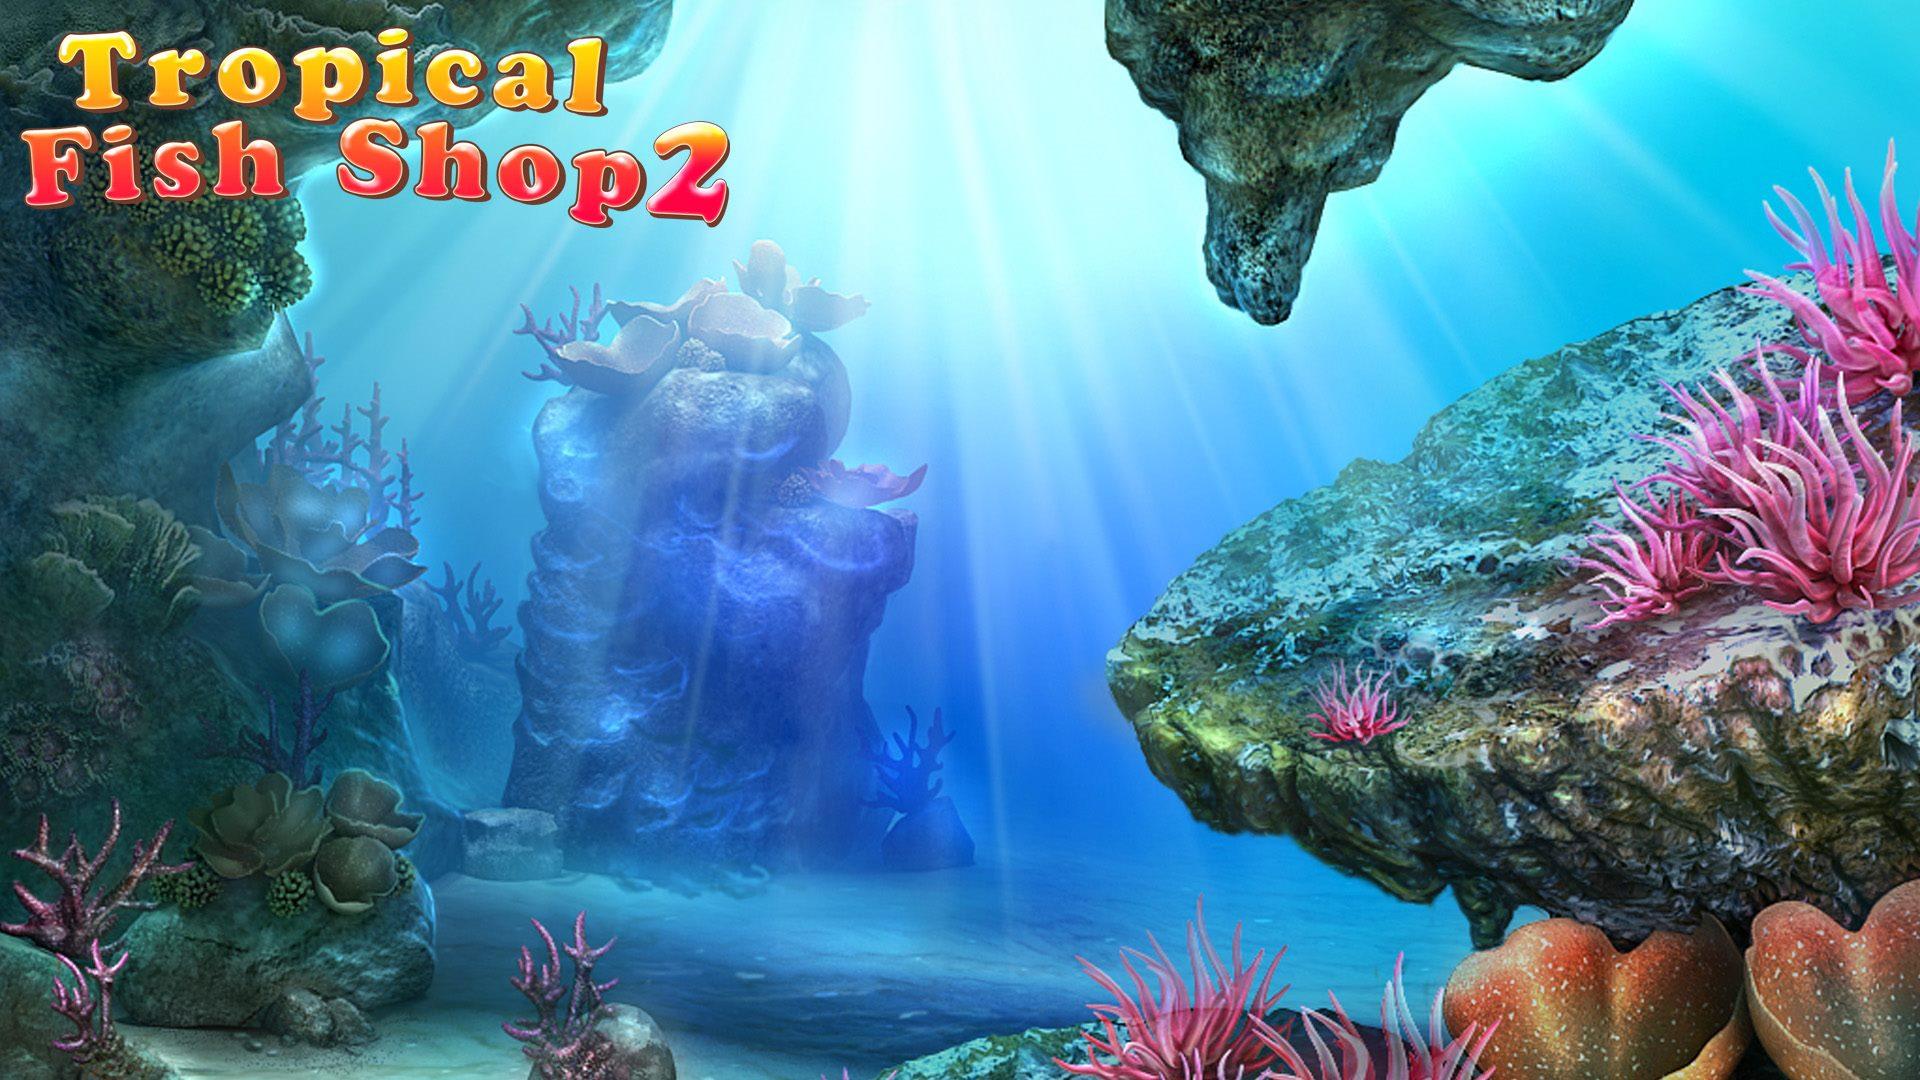 Steam Card Exchange Showcase Tropical Fish Shop 2